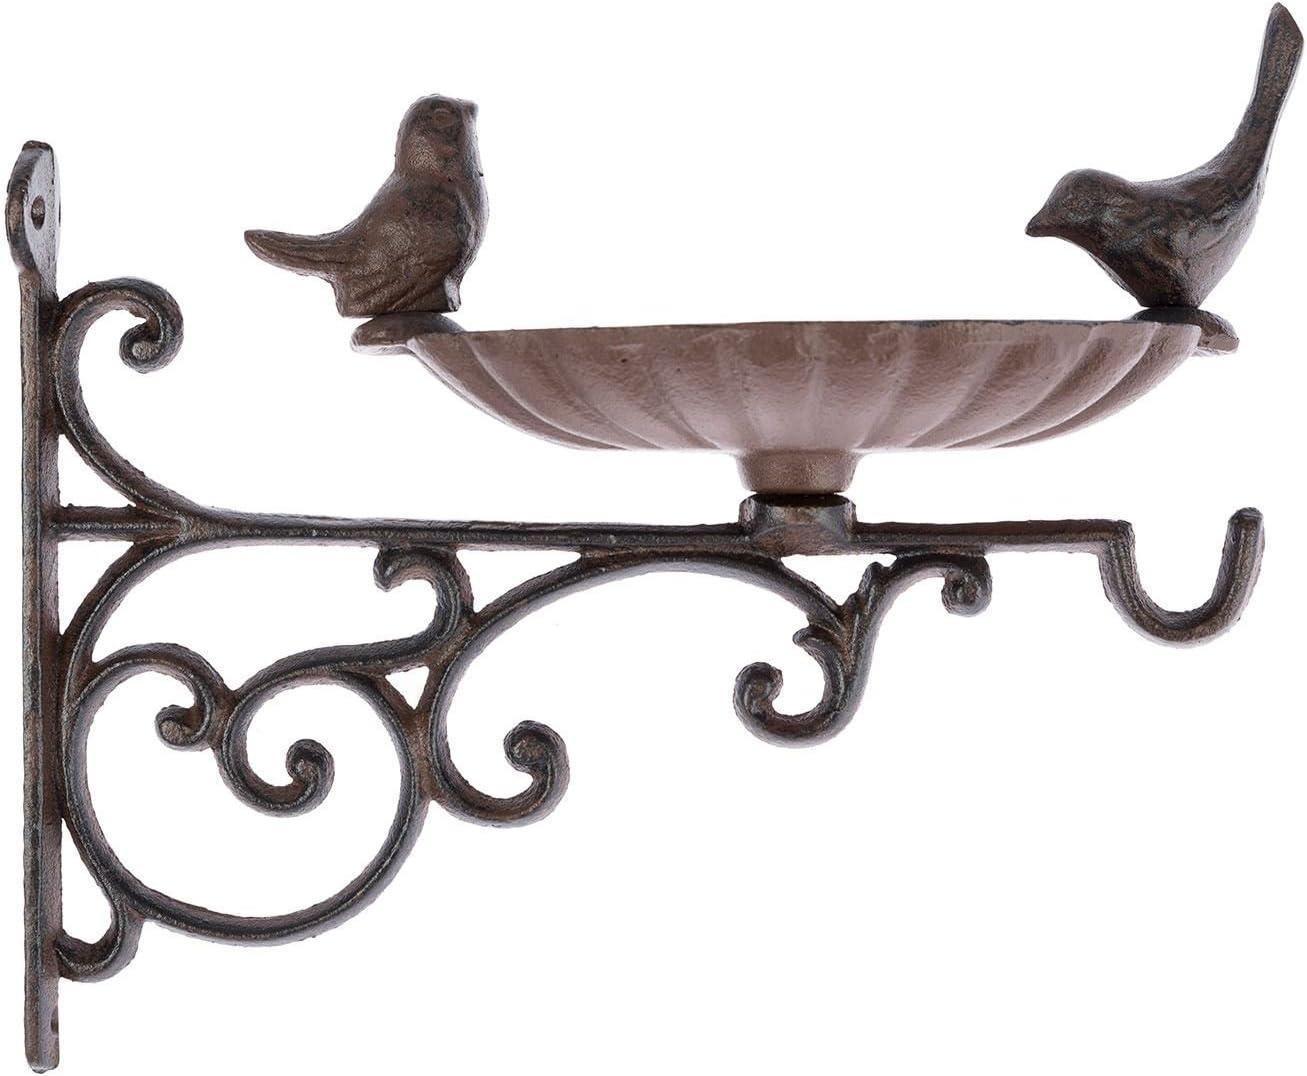 Fallen Fruits Cast Iron Hanging Basket Bird Design Hook